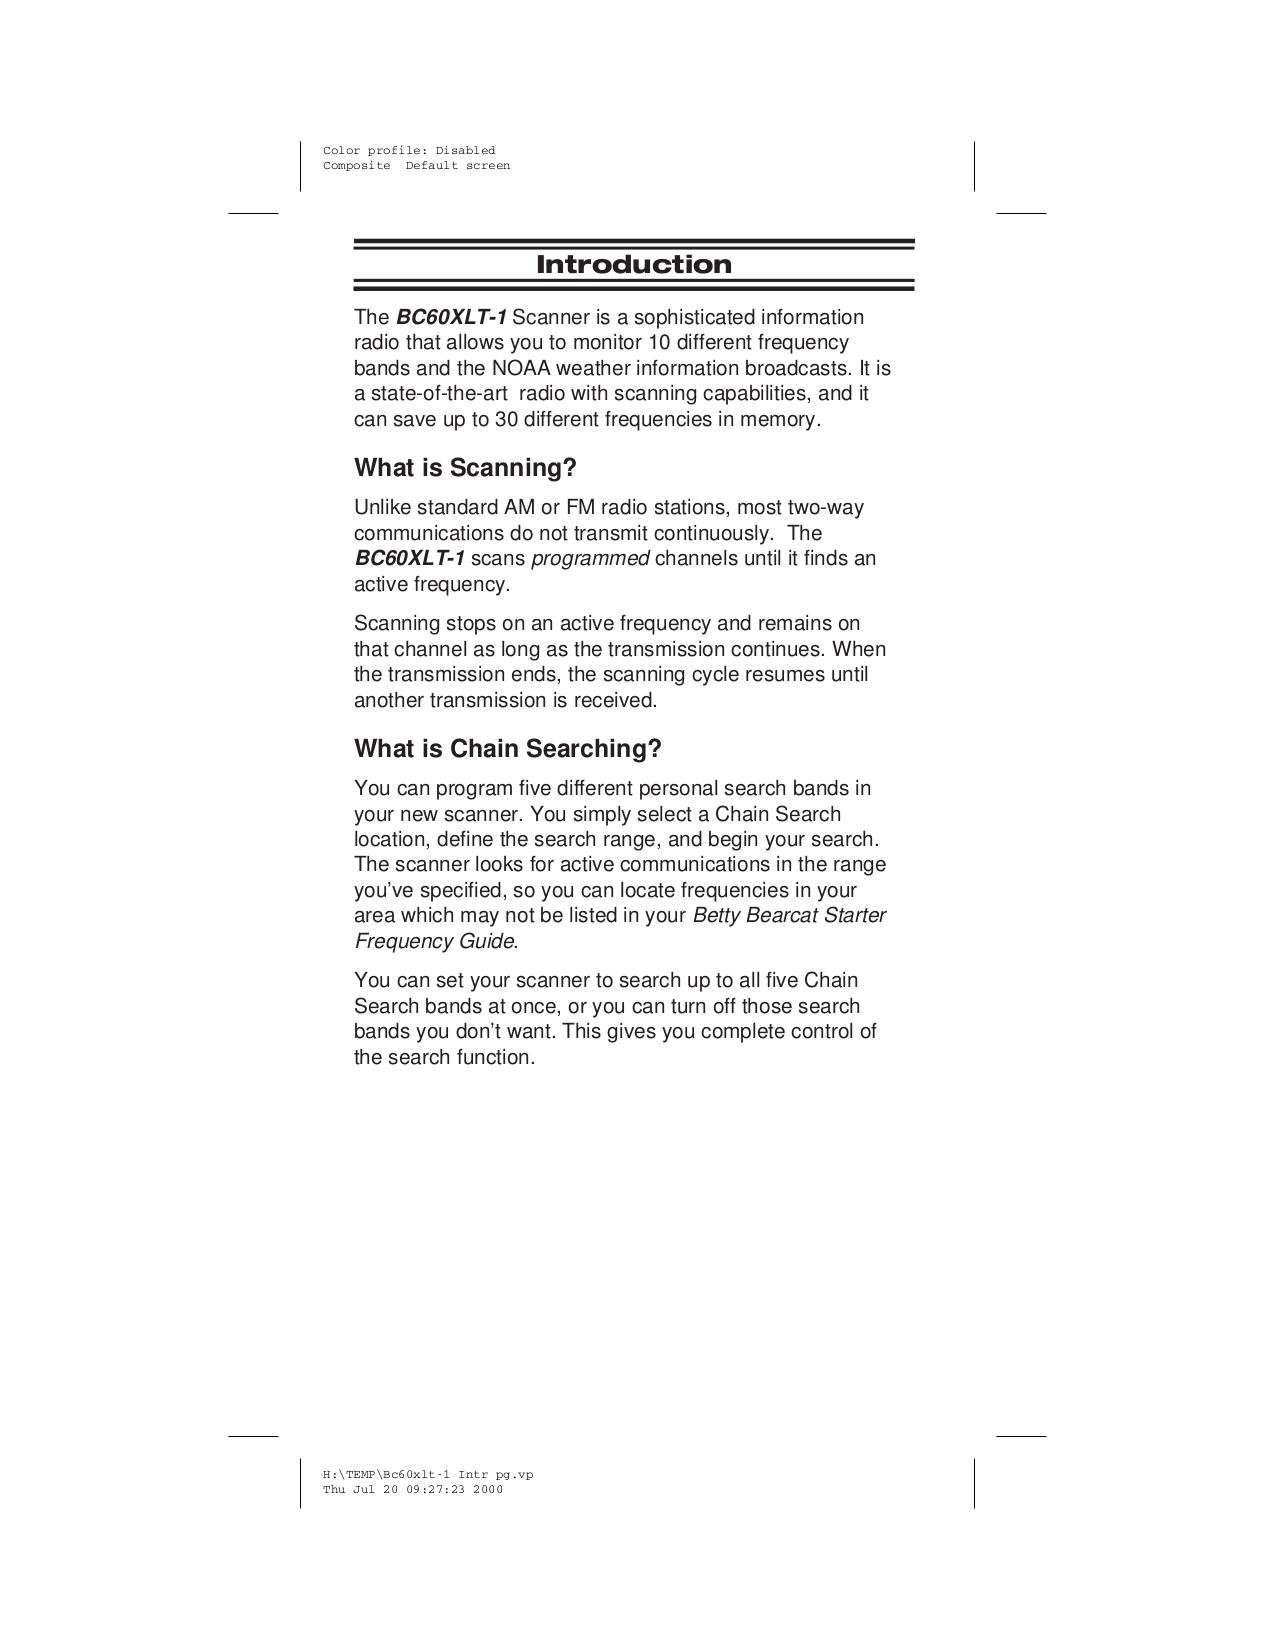 pdf manual for uniden scanner bc60xlt rh umlib com